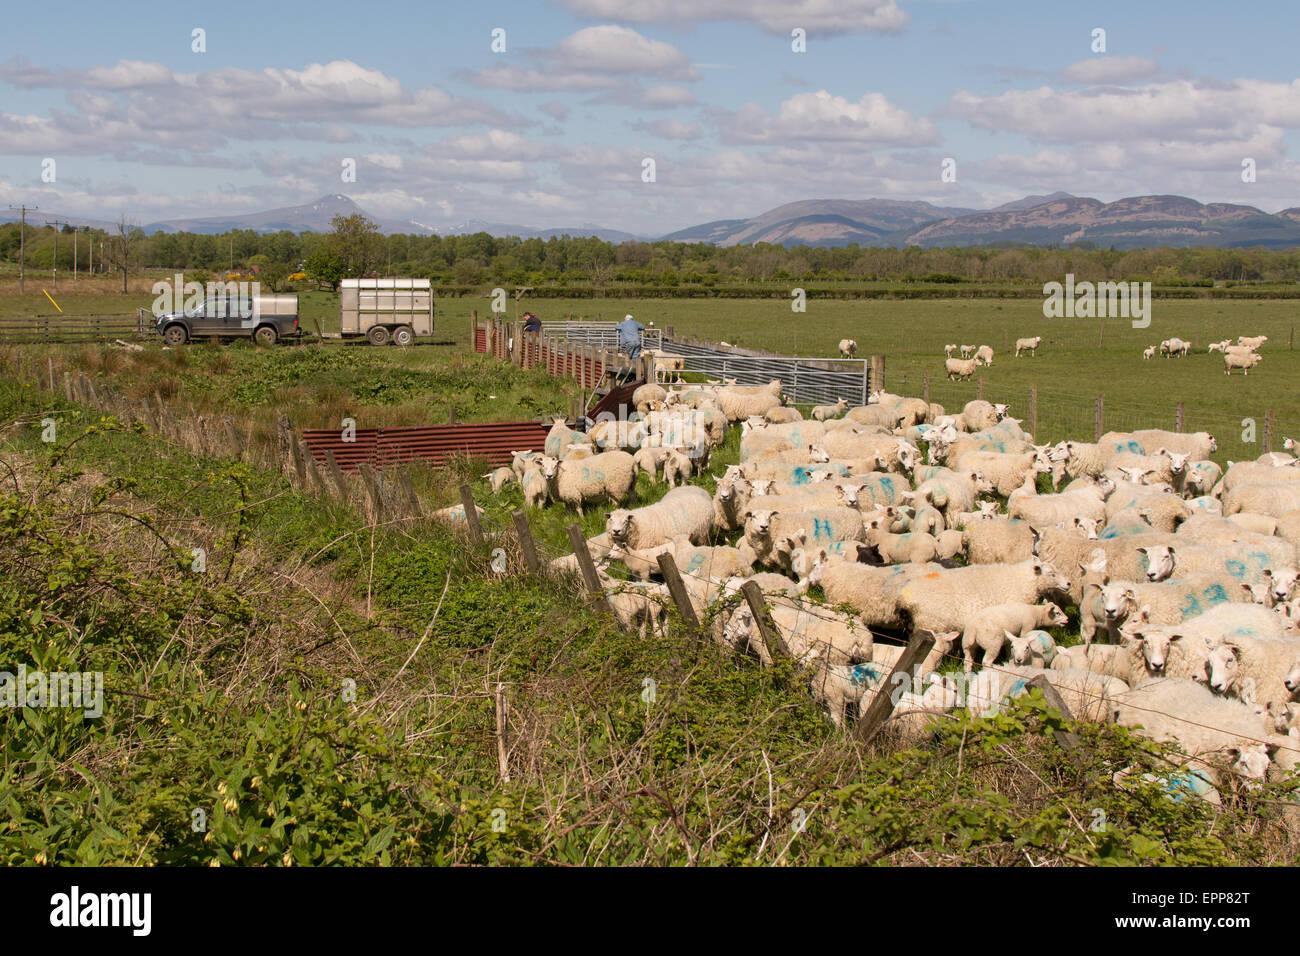 La cría de ovejas en primavera en la carse de Stirling, Escocia, Reino Unido Imagen De Stock